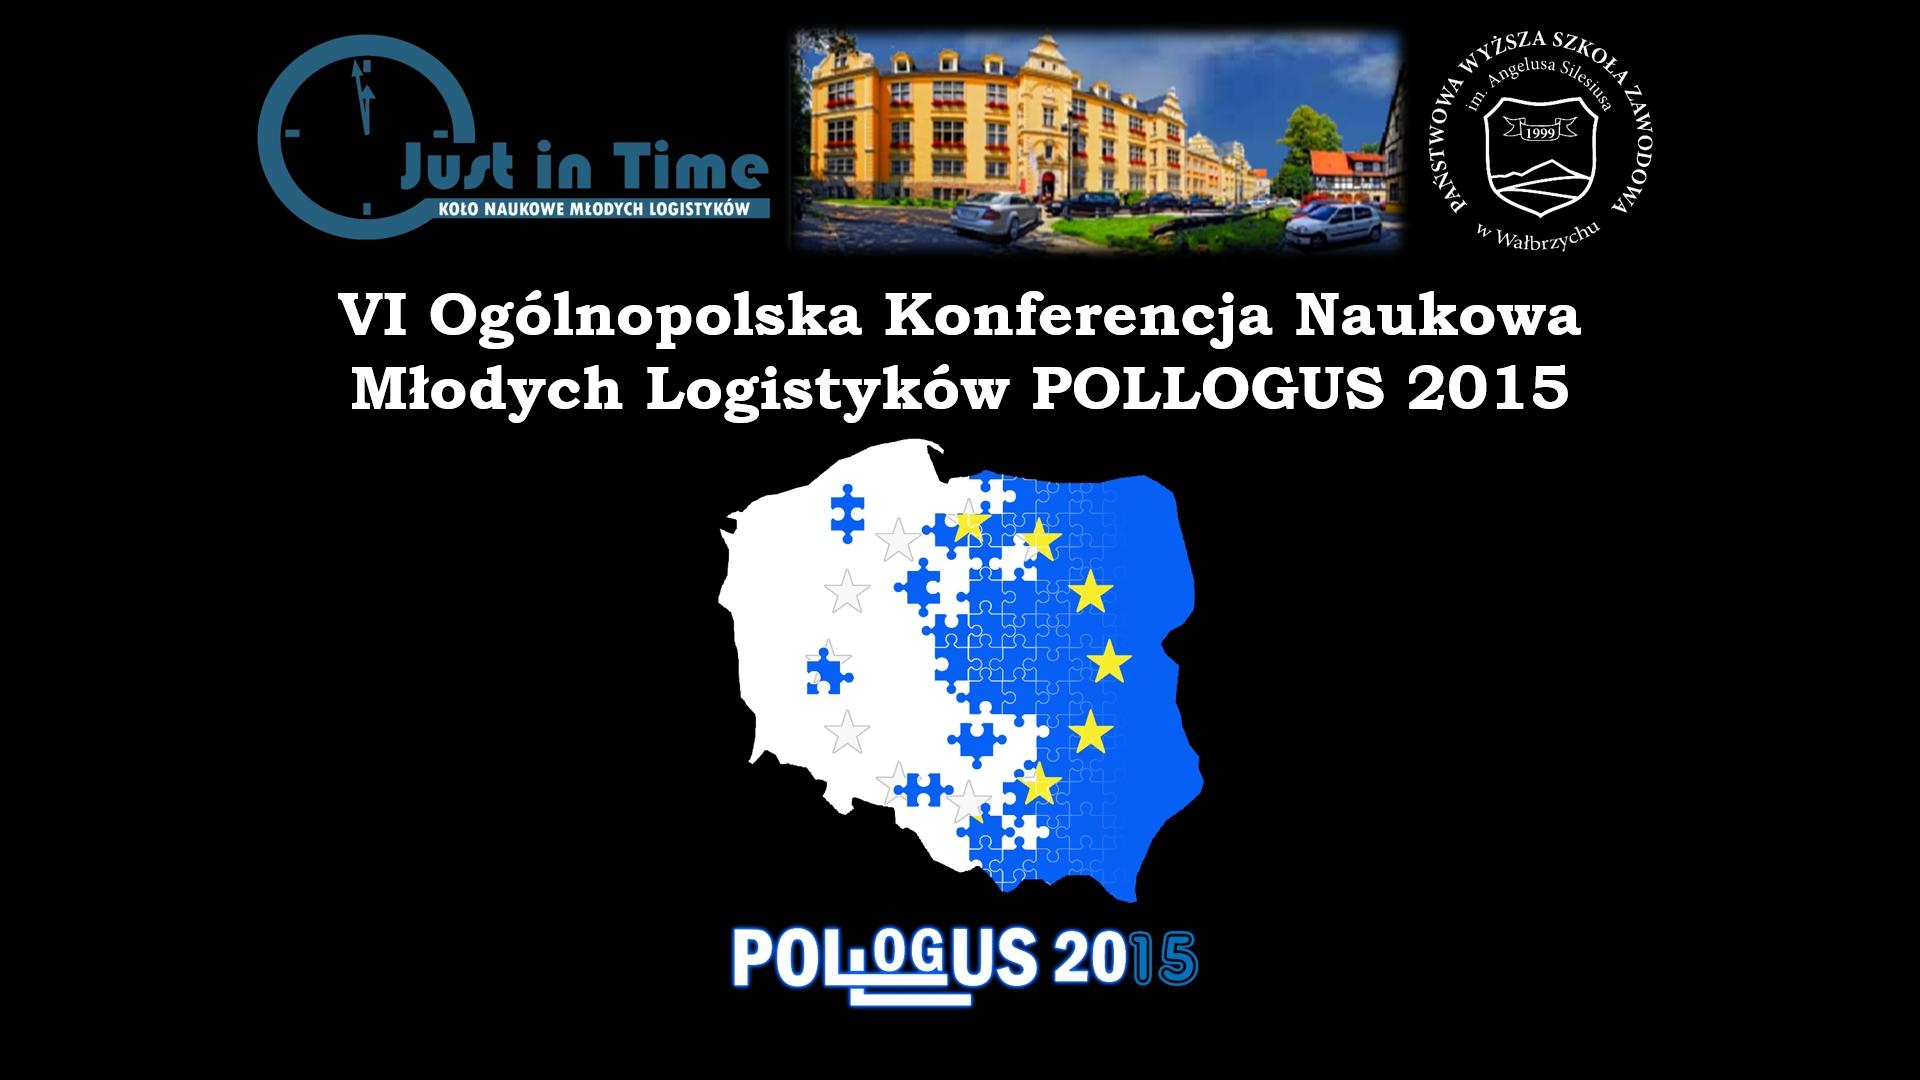 Pollogus 2015 do 13.11.2015